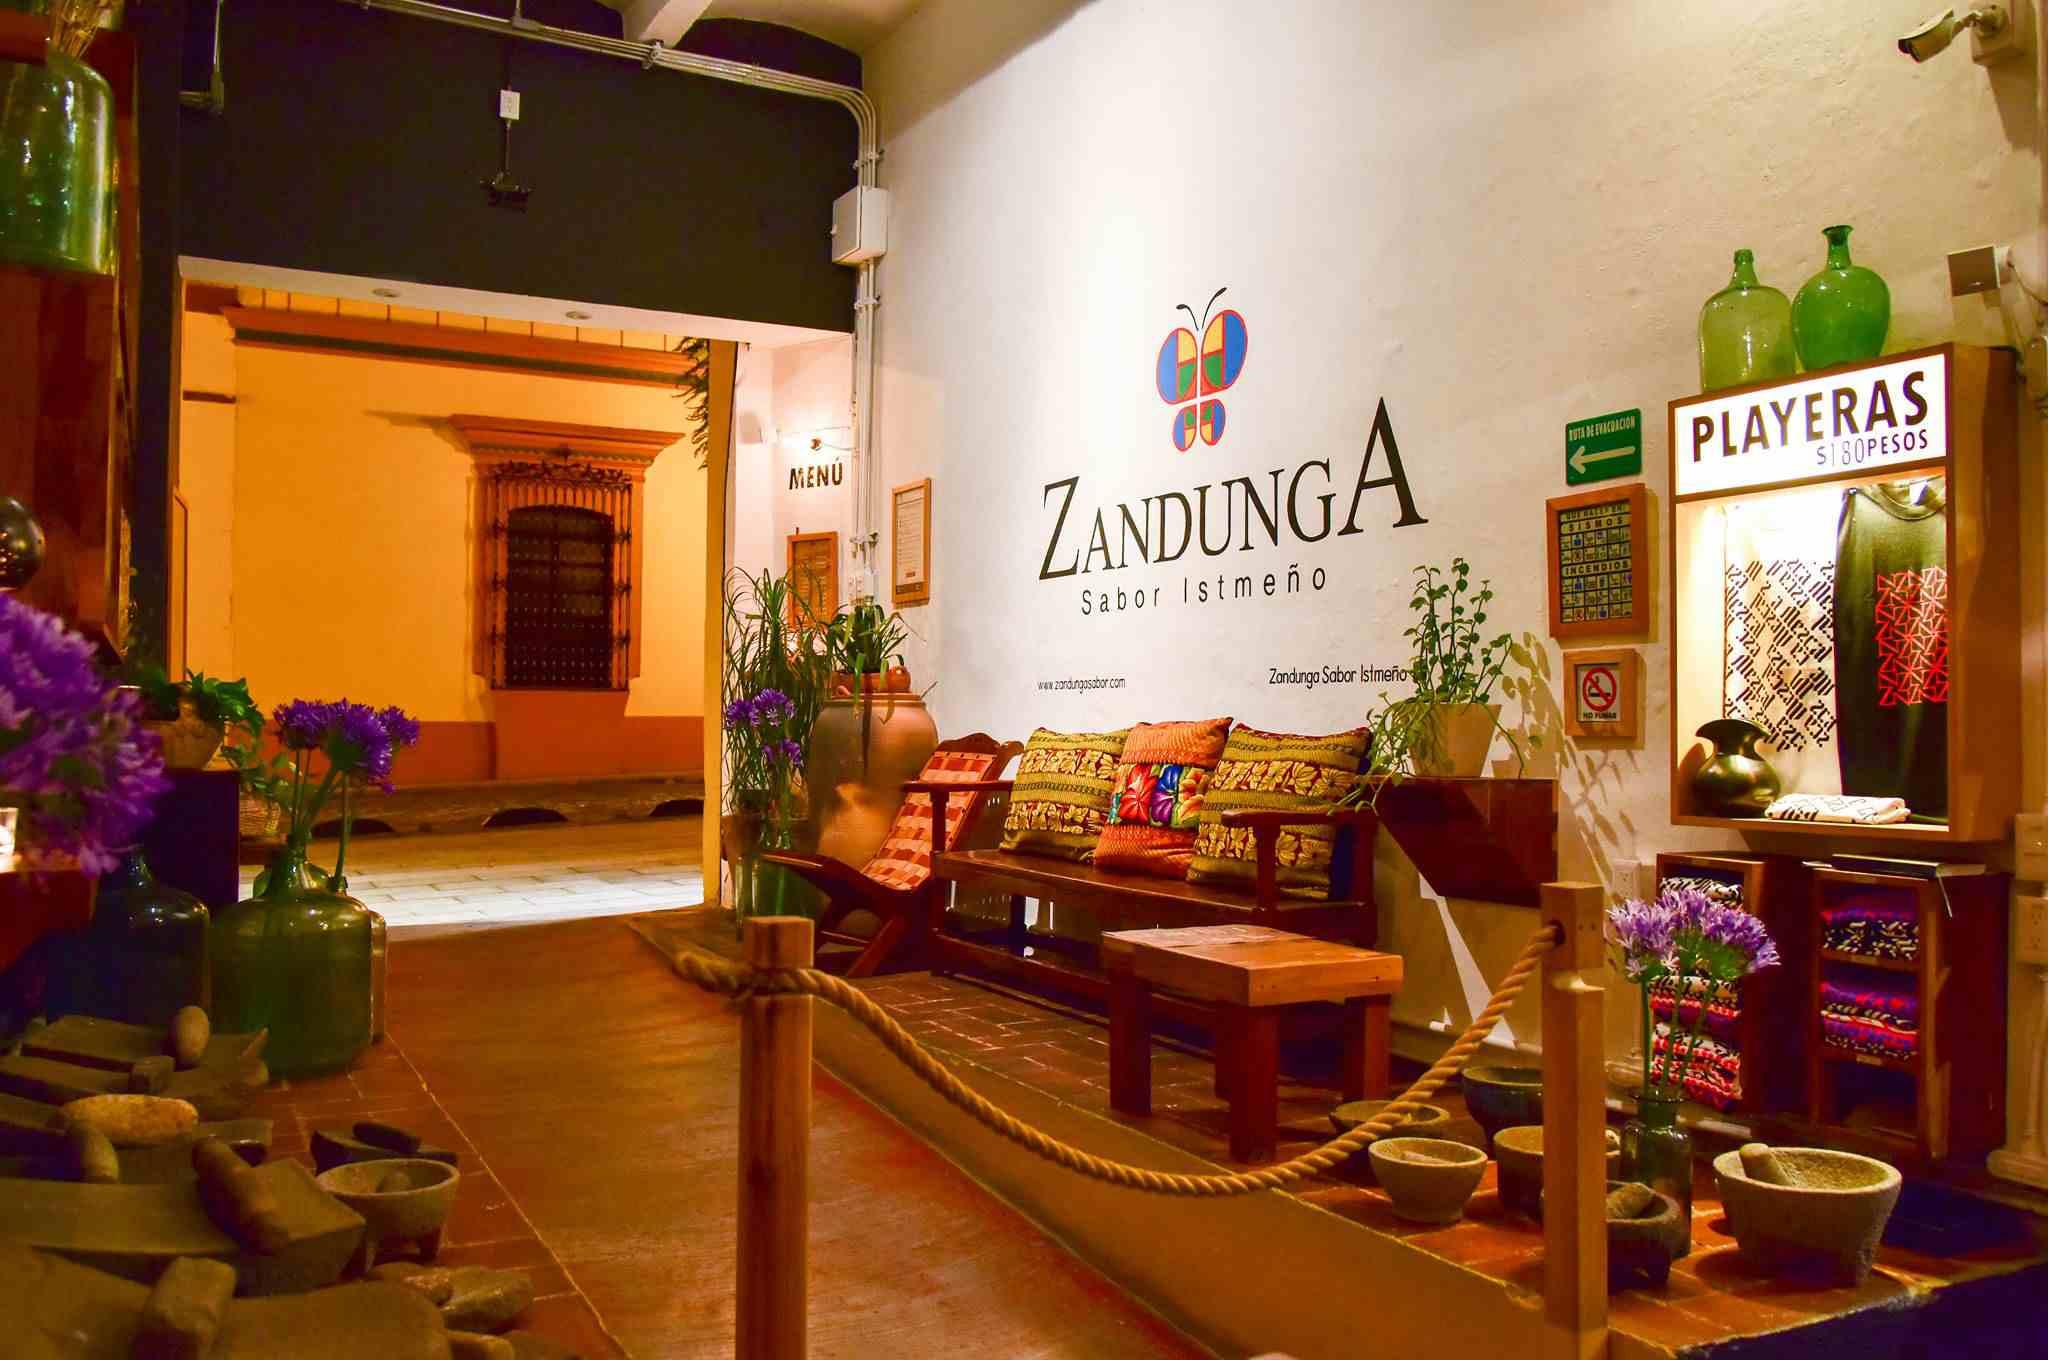 Zandunga restaurant in Oaxaca